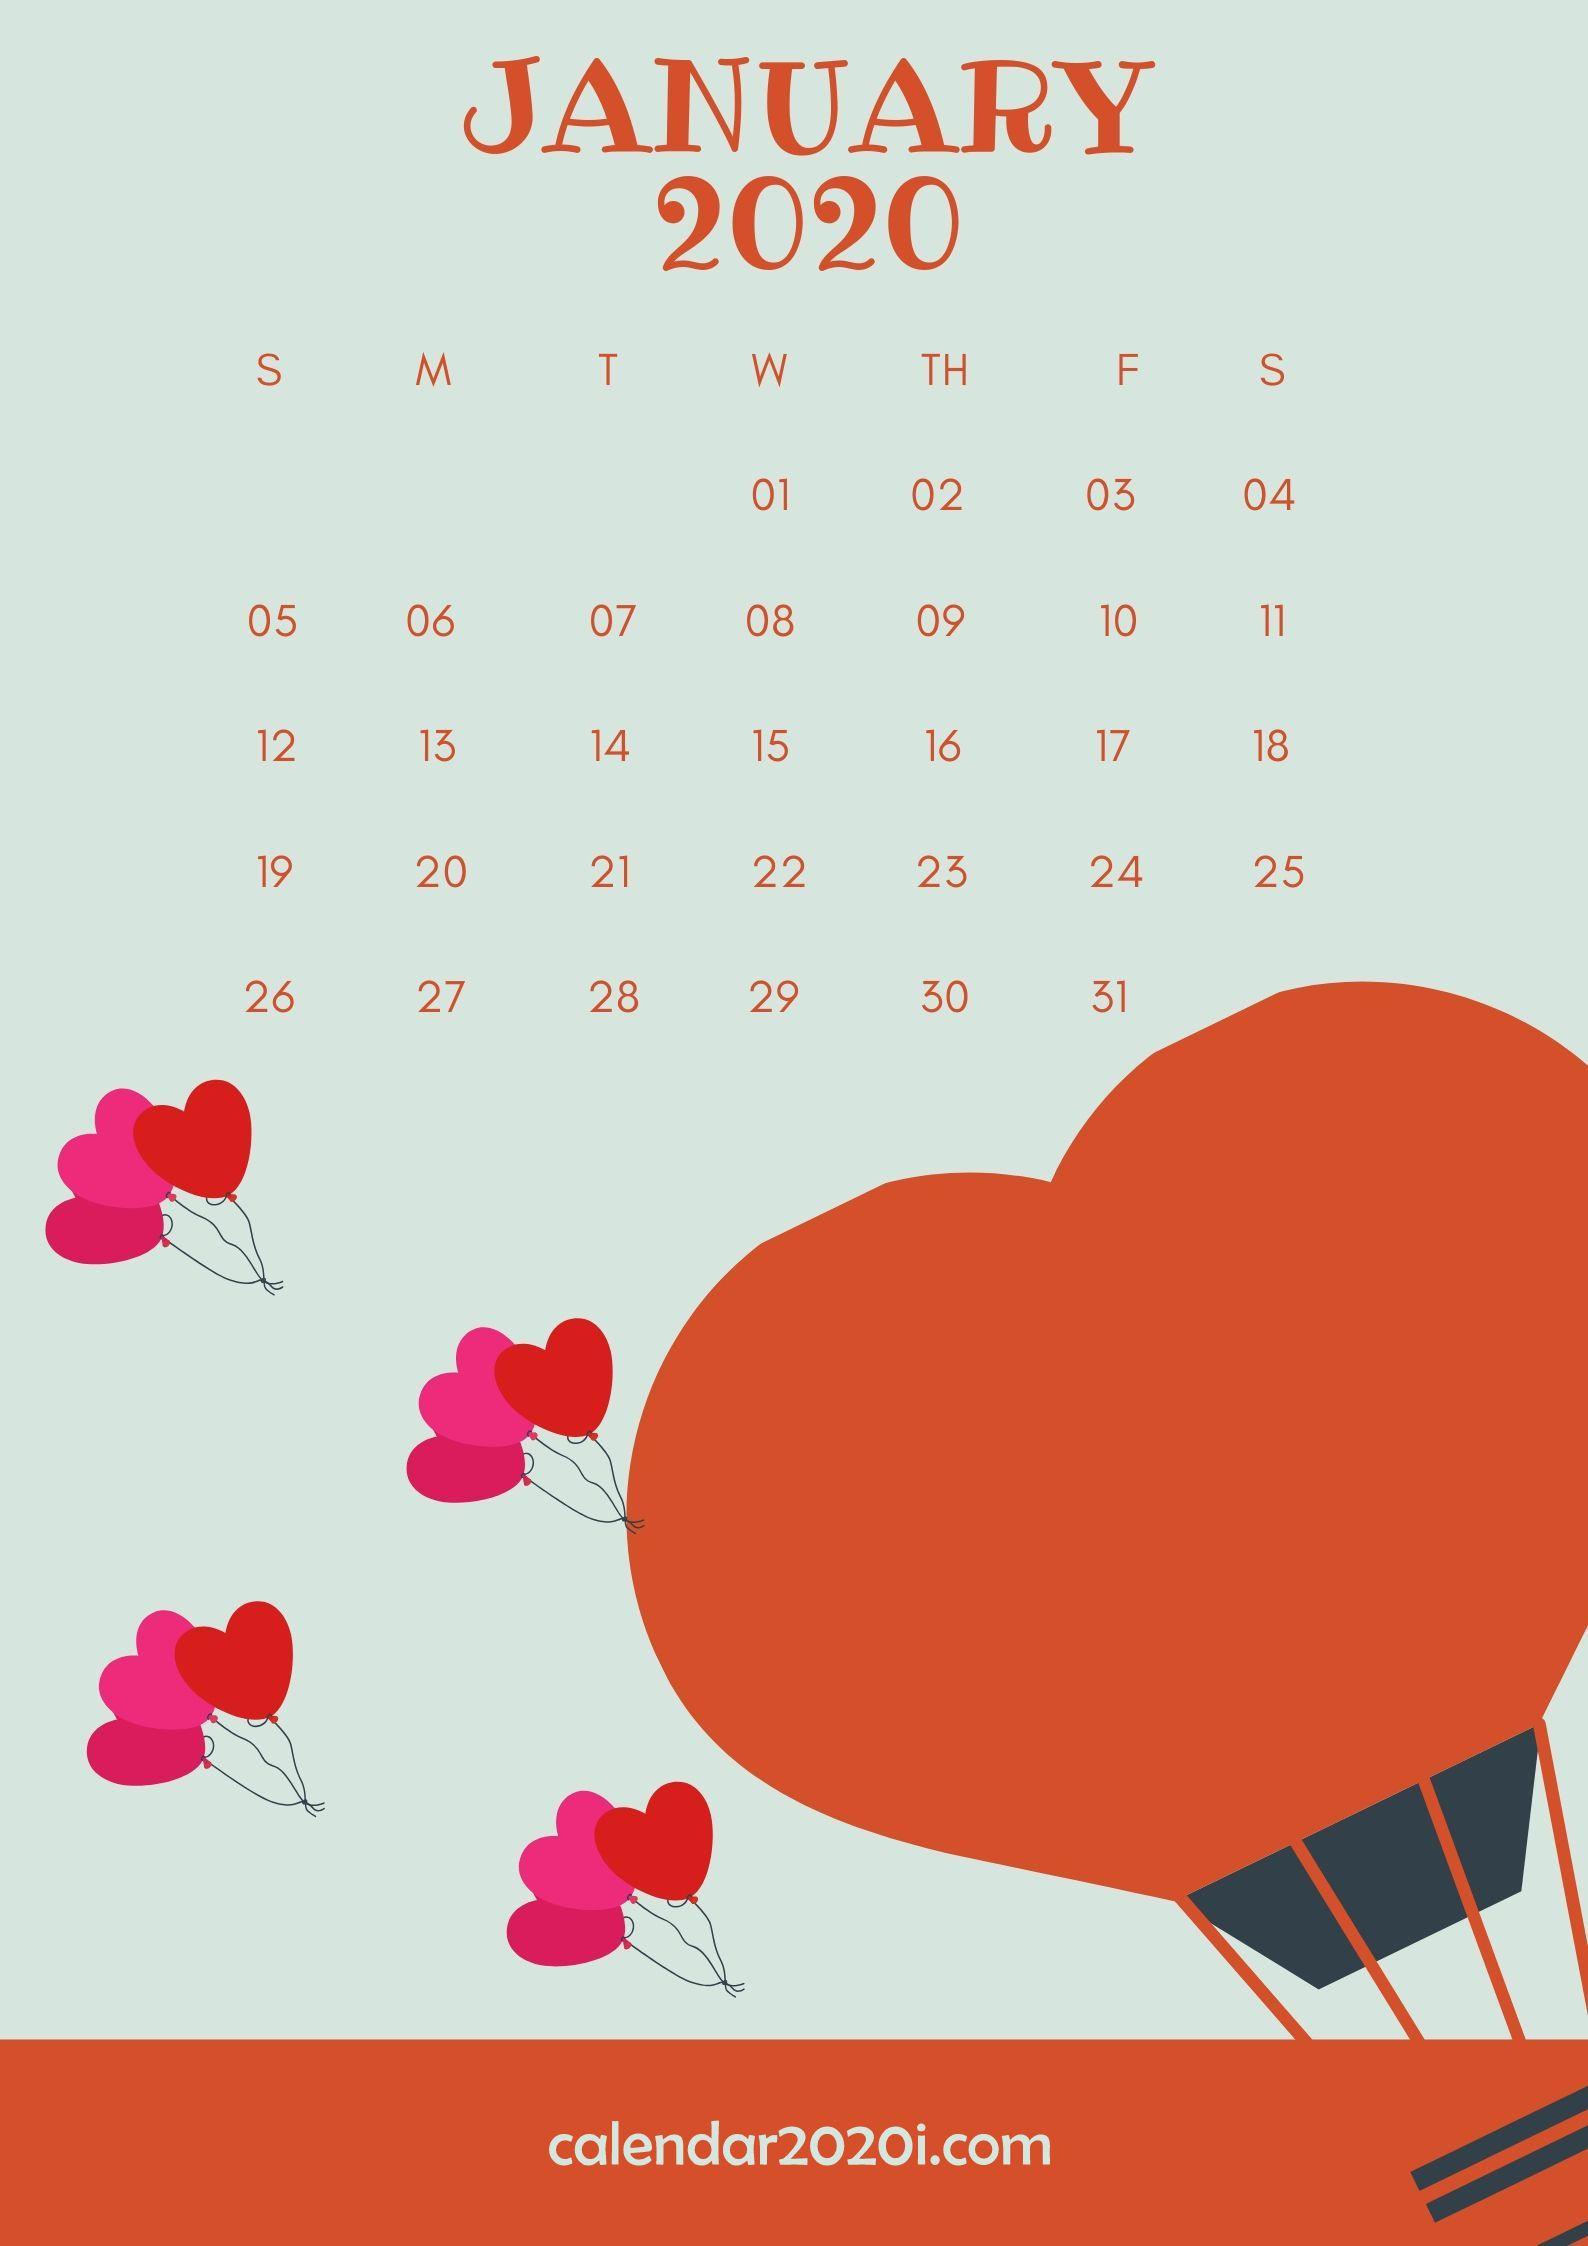 January 2020 Wall Calendar Printable